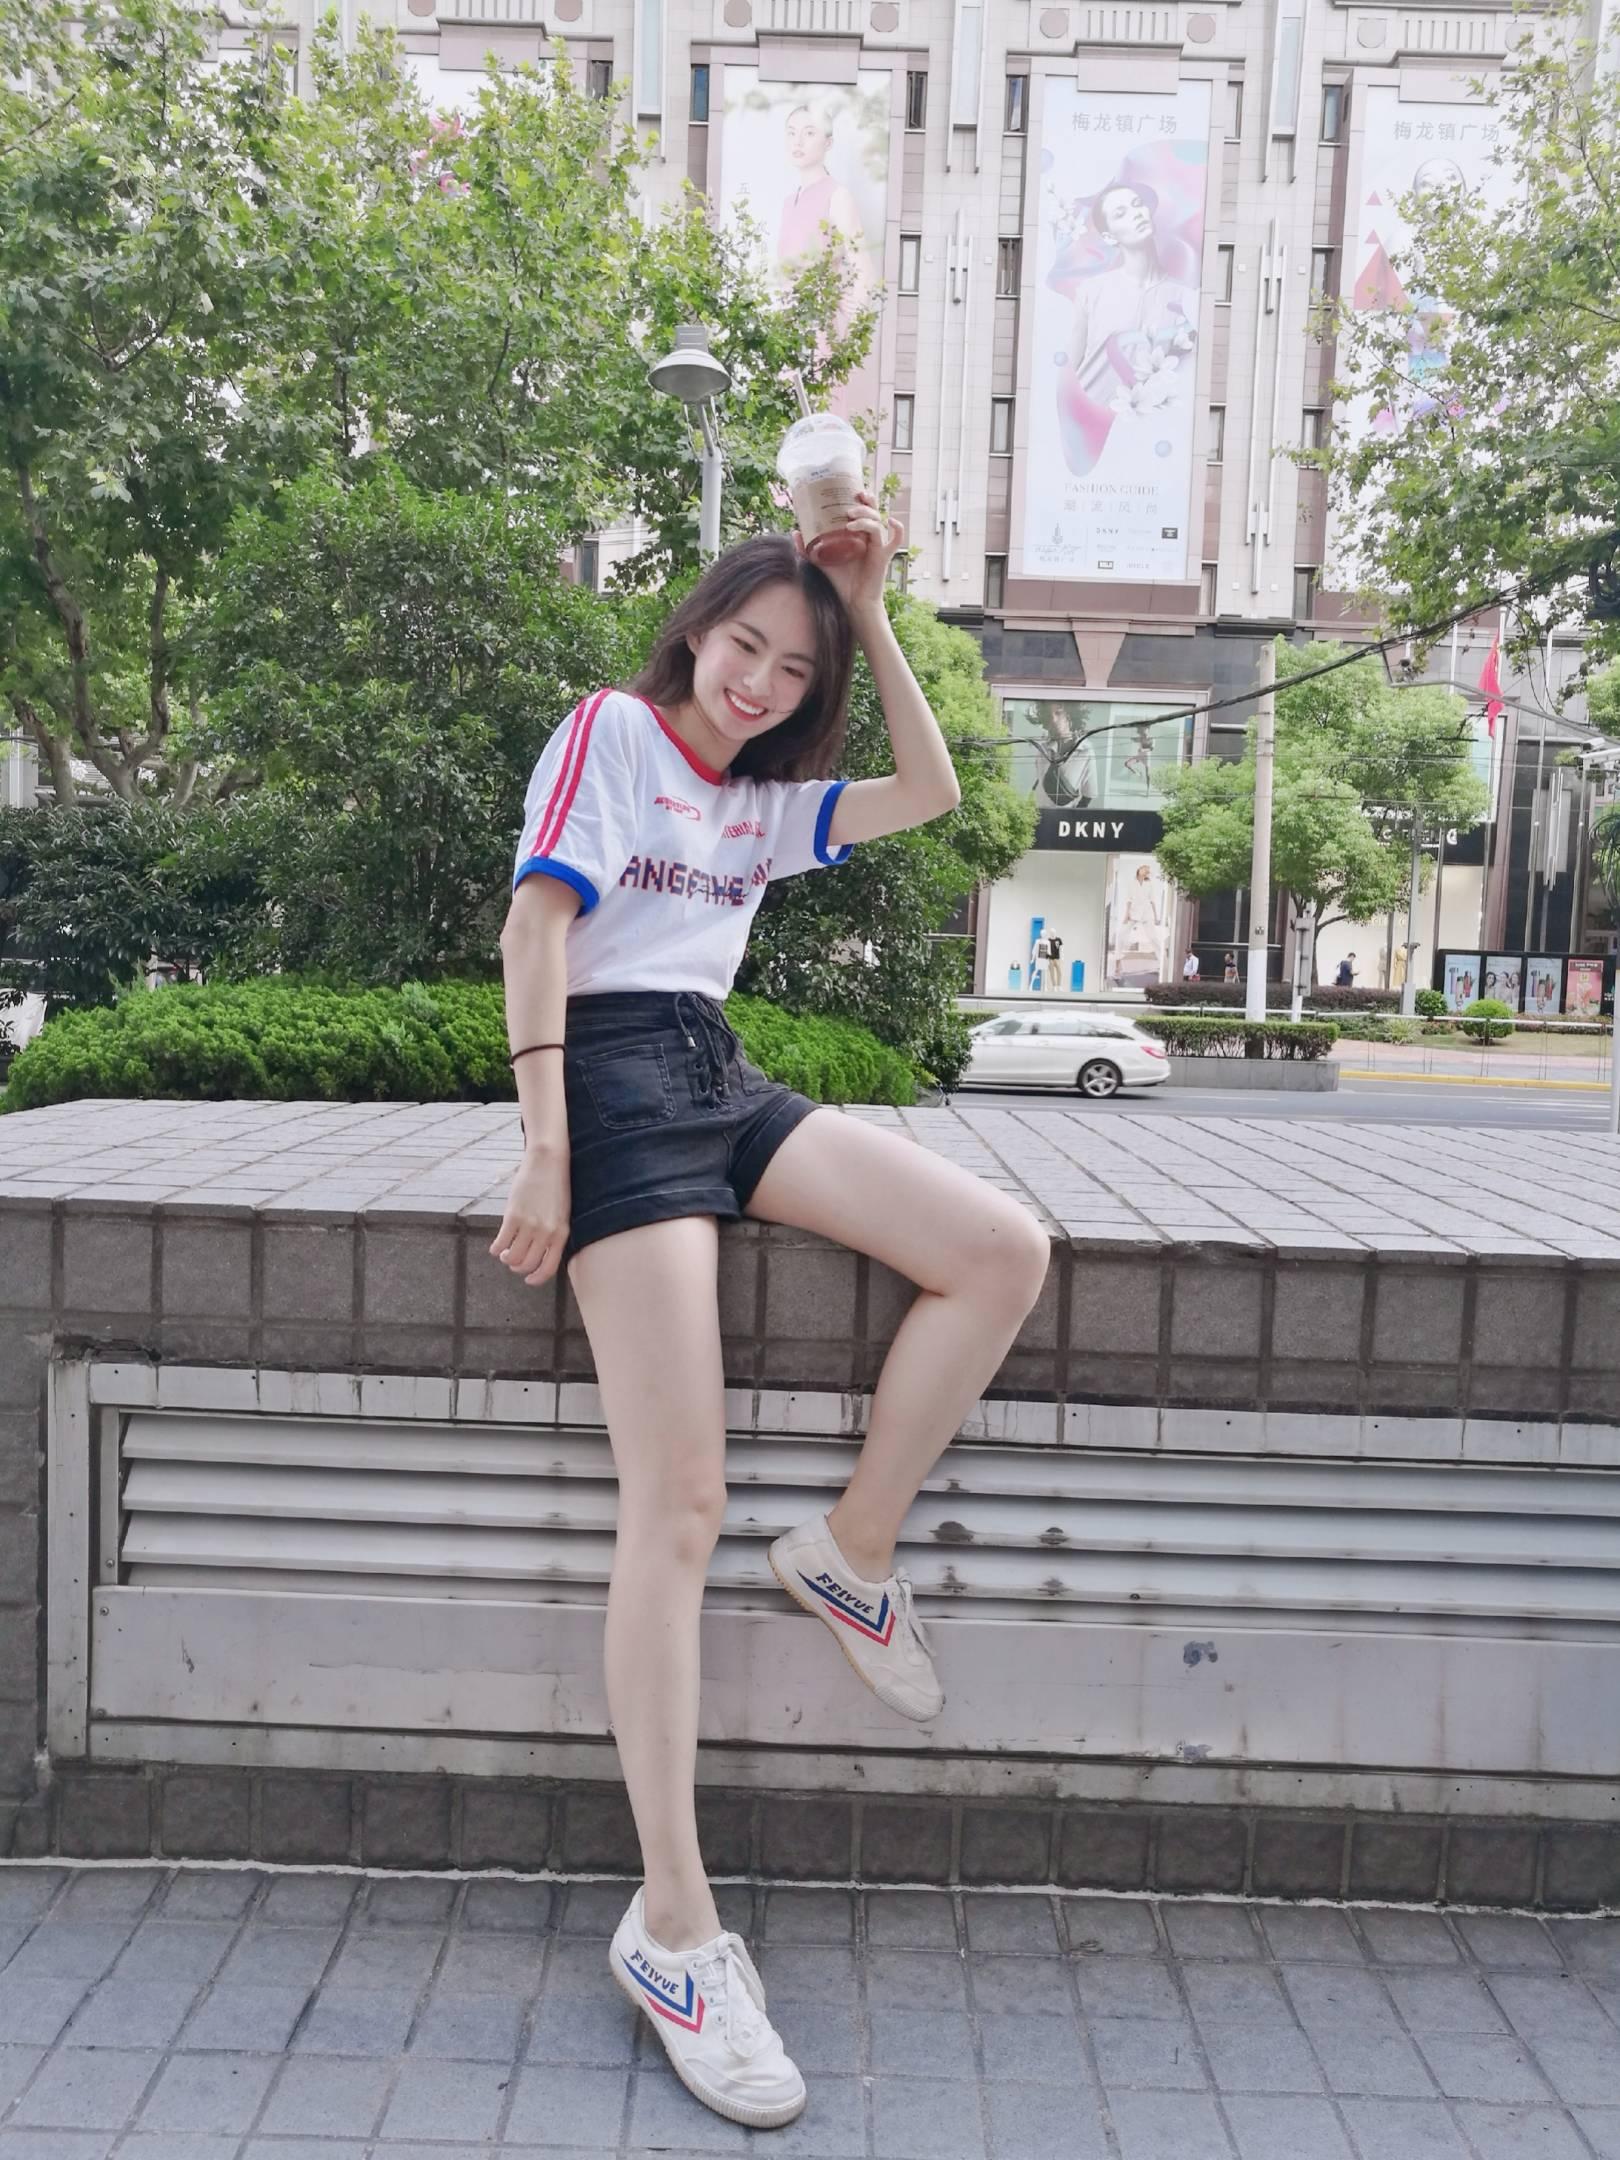 上海  是一个家在北京的广东人。目前在上海做公关copy写旅游文案,从小就喜欢打网球,现在还喜欢看中超联赛和西甲联赛,可以说动如脱兔静如处子~性格偏向独立那款,不太很会撒娇的那种,偶尔还会有点神经质,性子有点直啦  喜欢的类型:喜欢运动(最好足球网球),拍得一手好照片,也喜欢出去旅游~带点文艺气息,但是不要太正经!!!不太喜欢猛男…不喜欢晒肌肉的